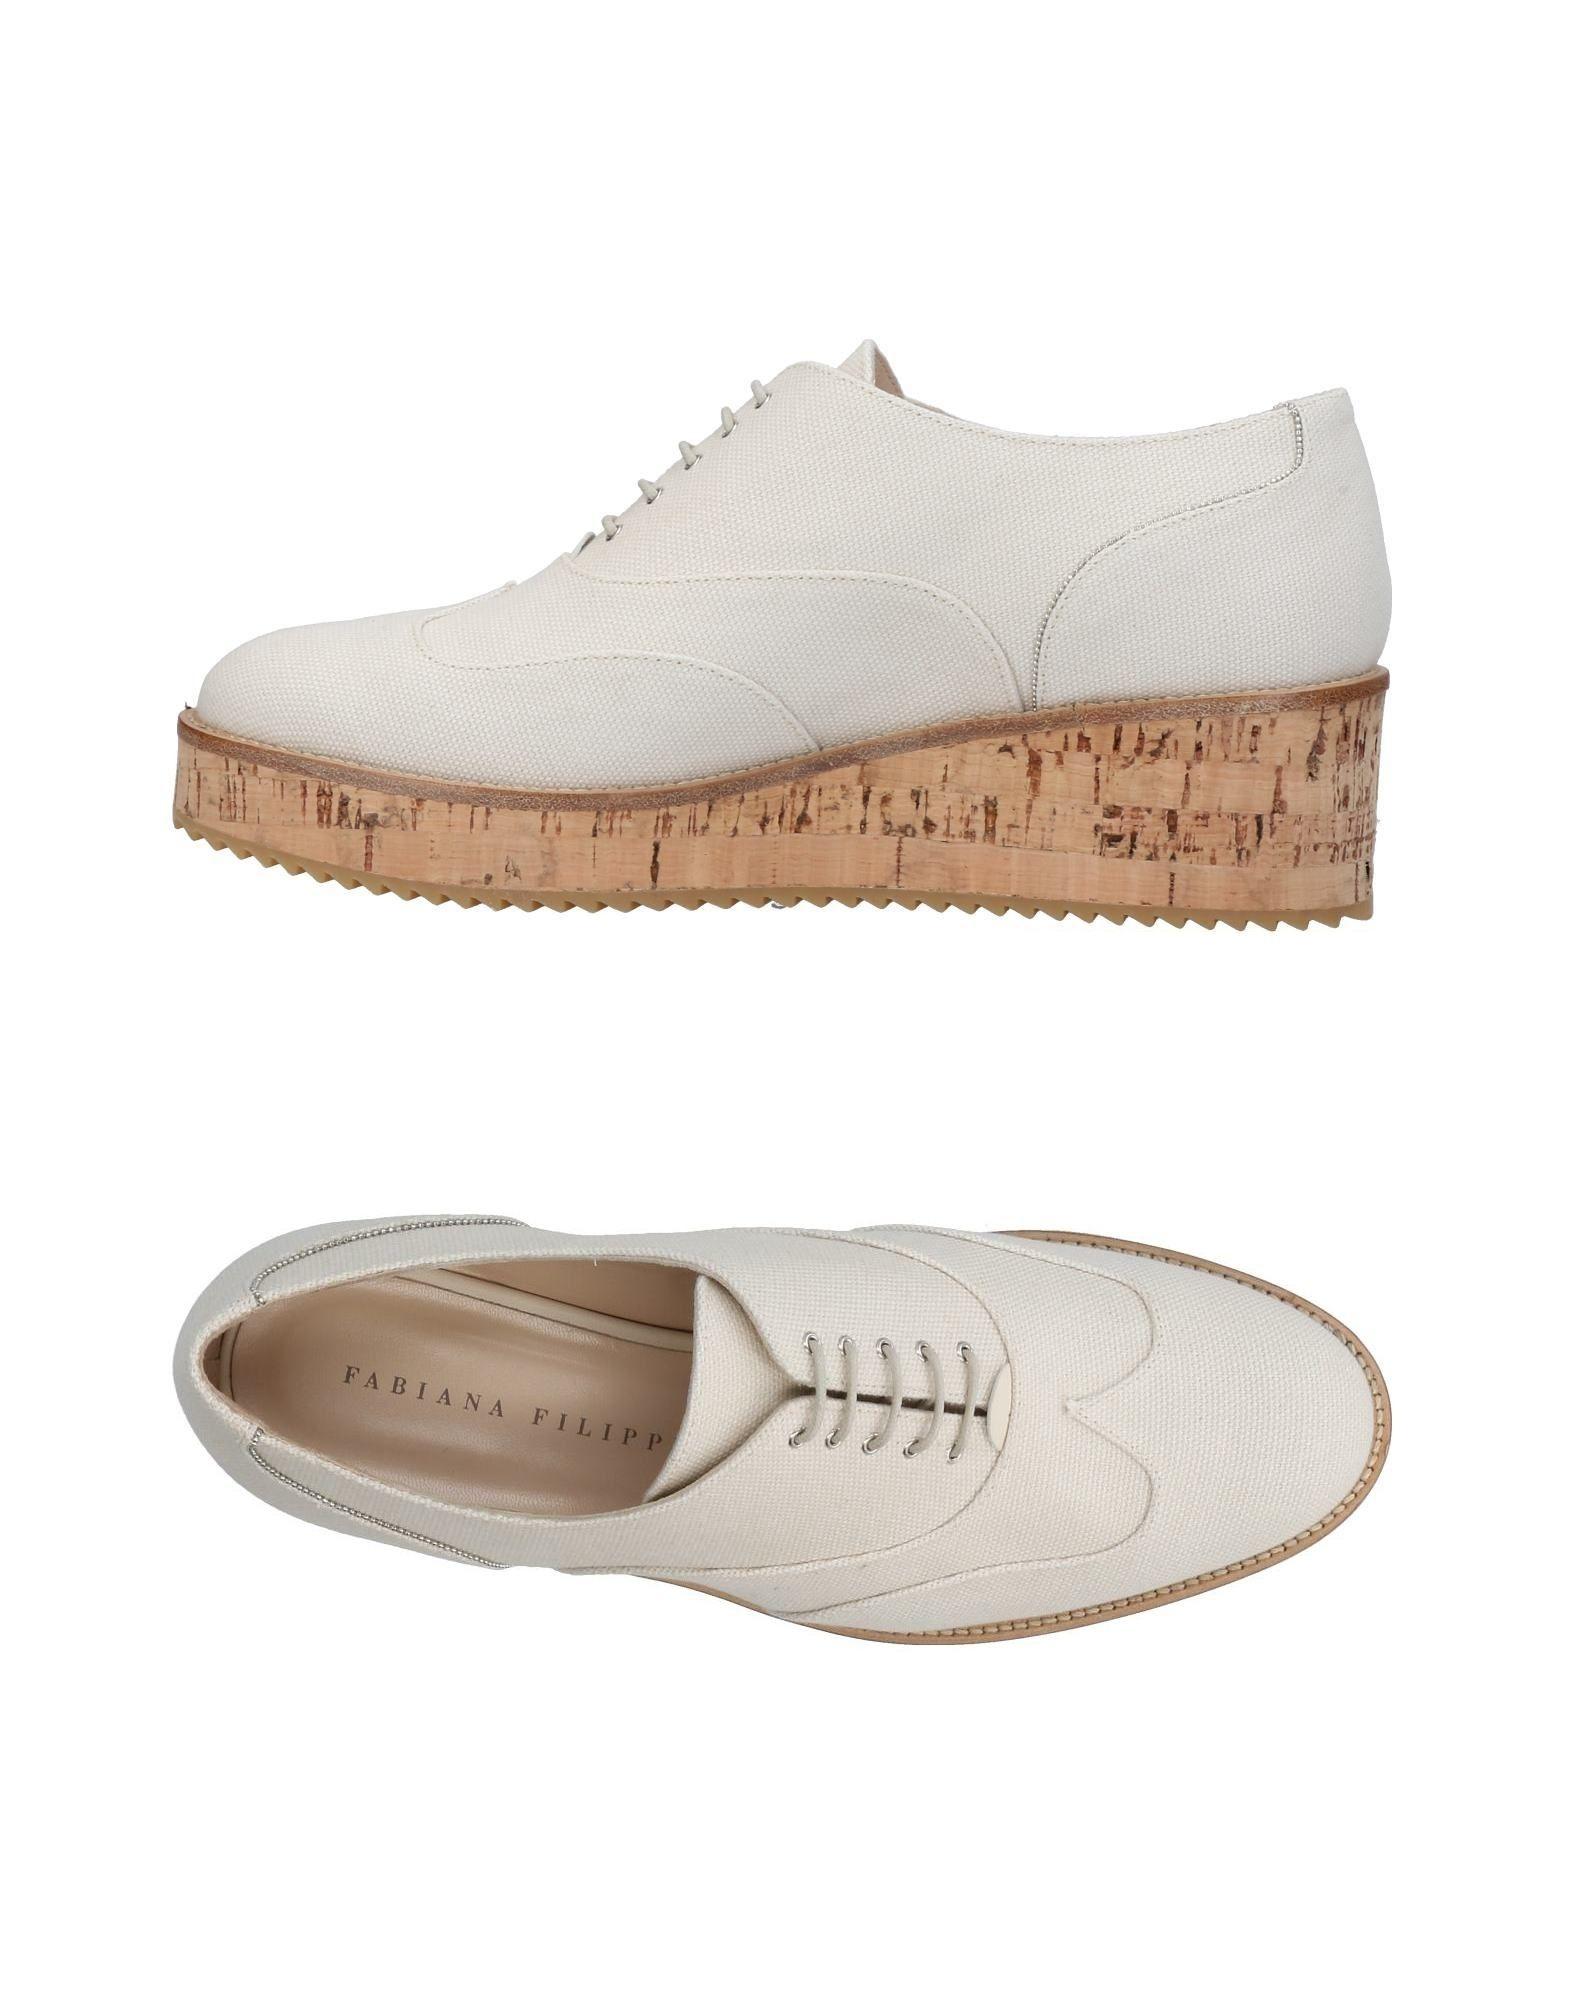 Fabiana Filippi Sneakers Damen Damen Damen  11443818MO Neue Schuhe 4873c2